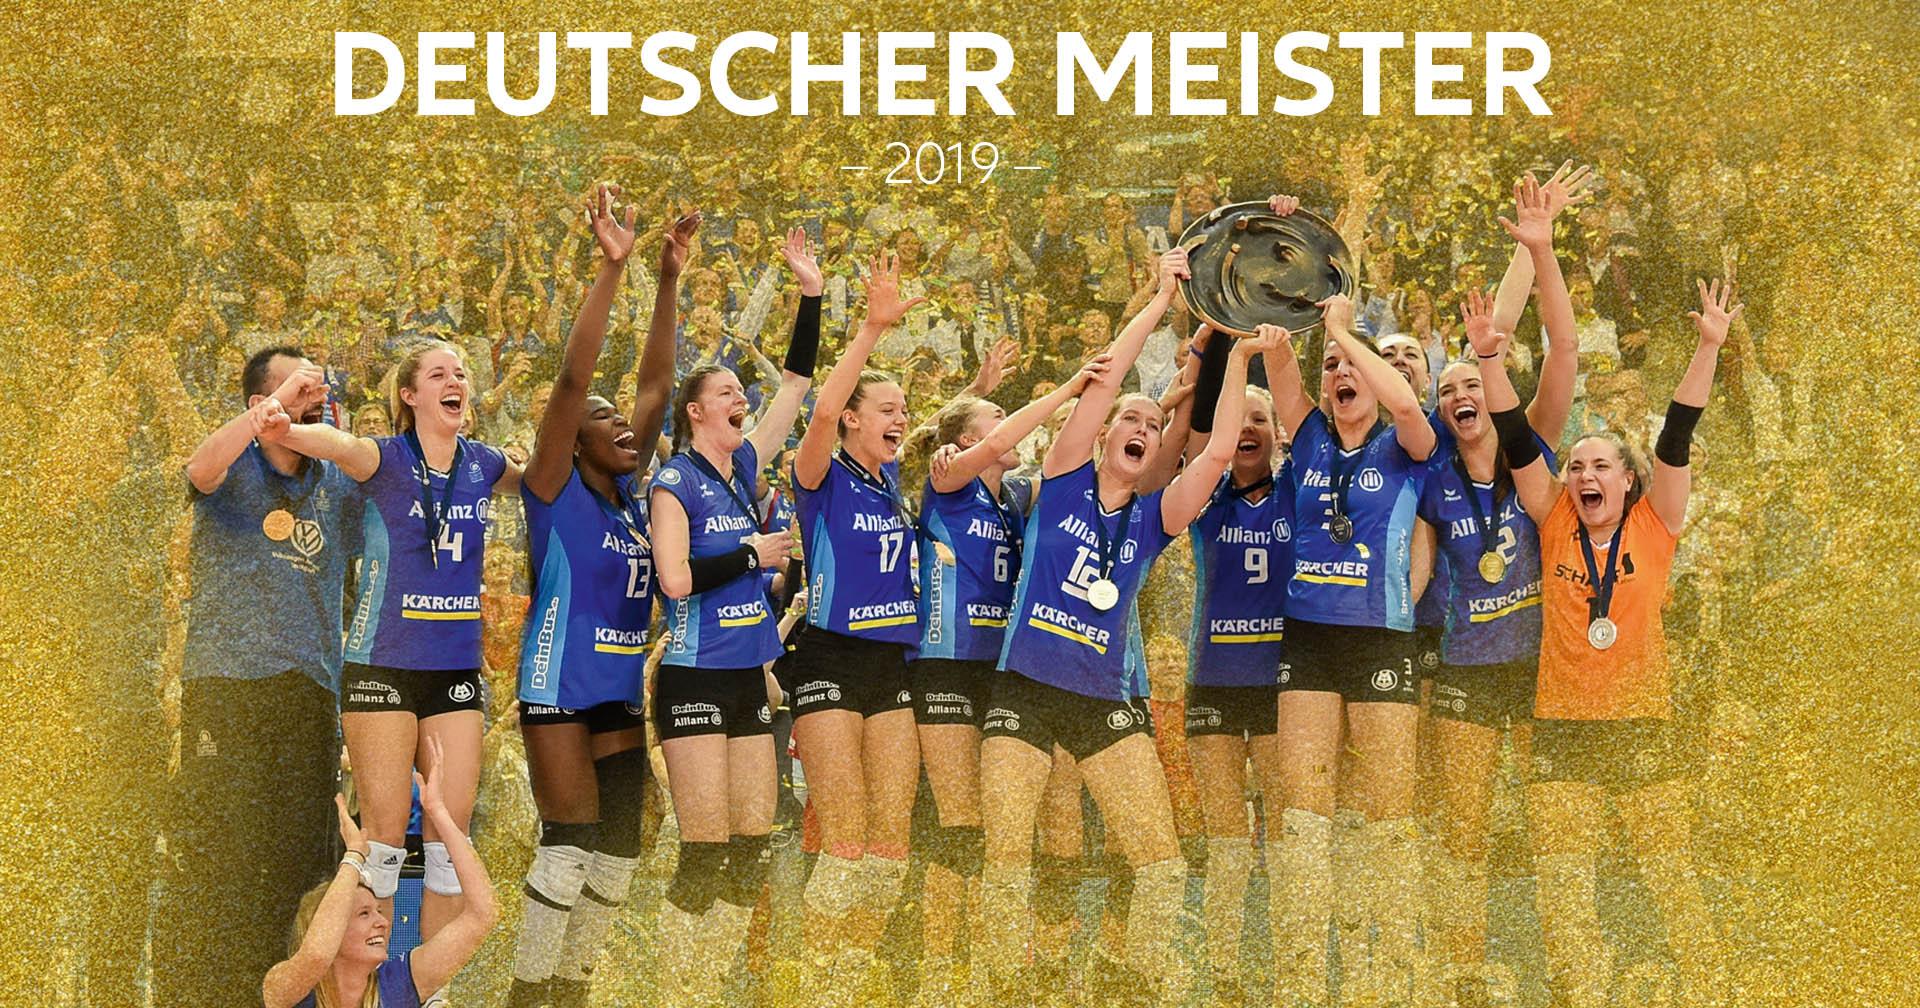 Allianz MTV Stuttgart: Deutscher Meister 2019!